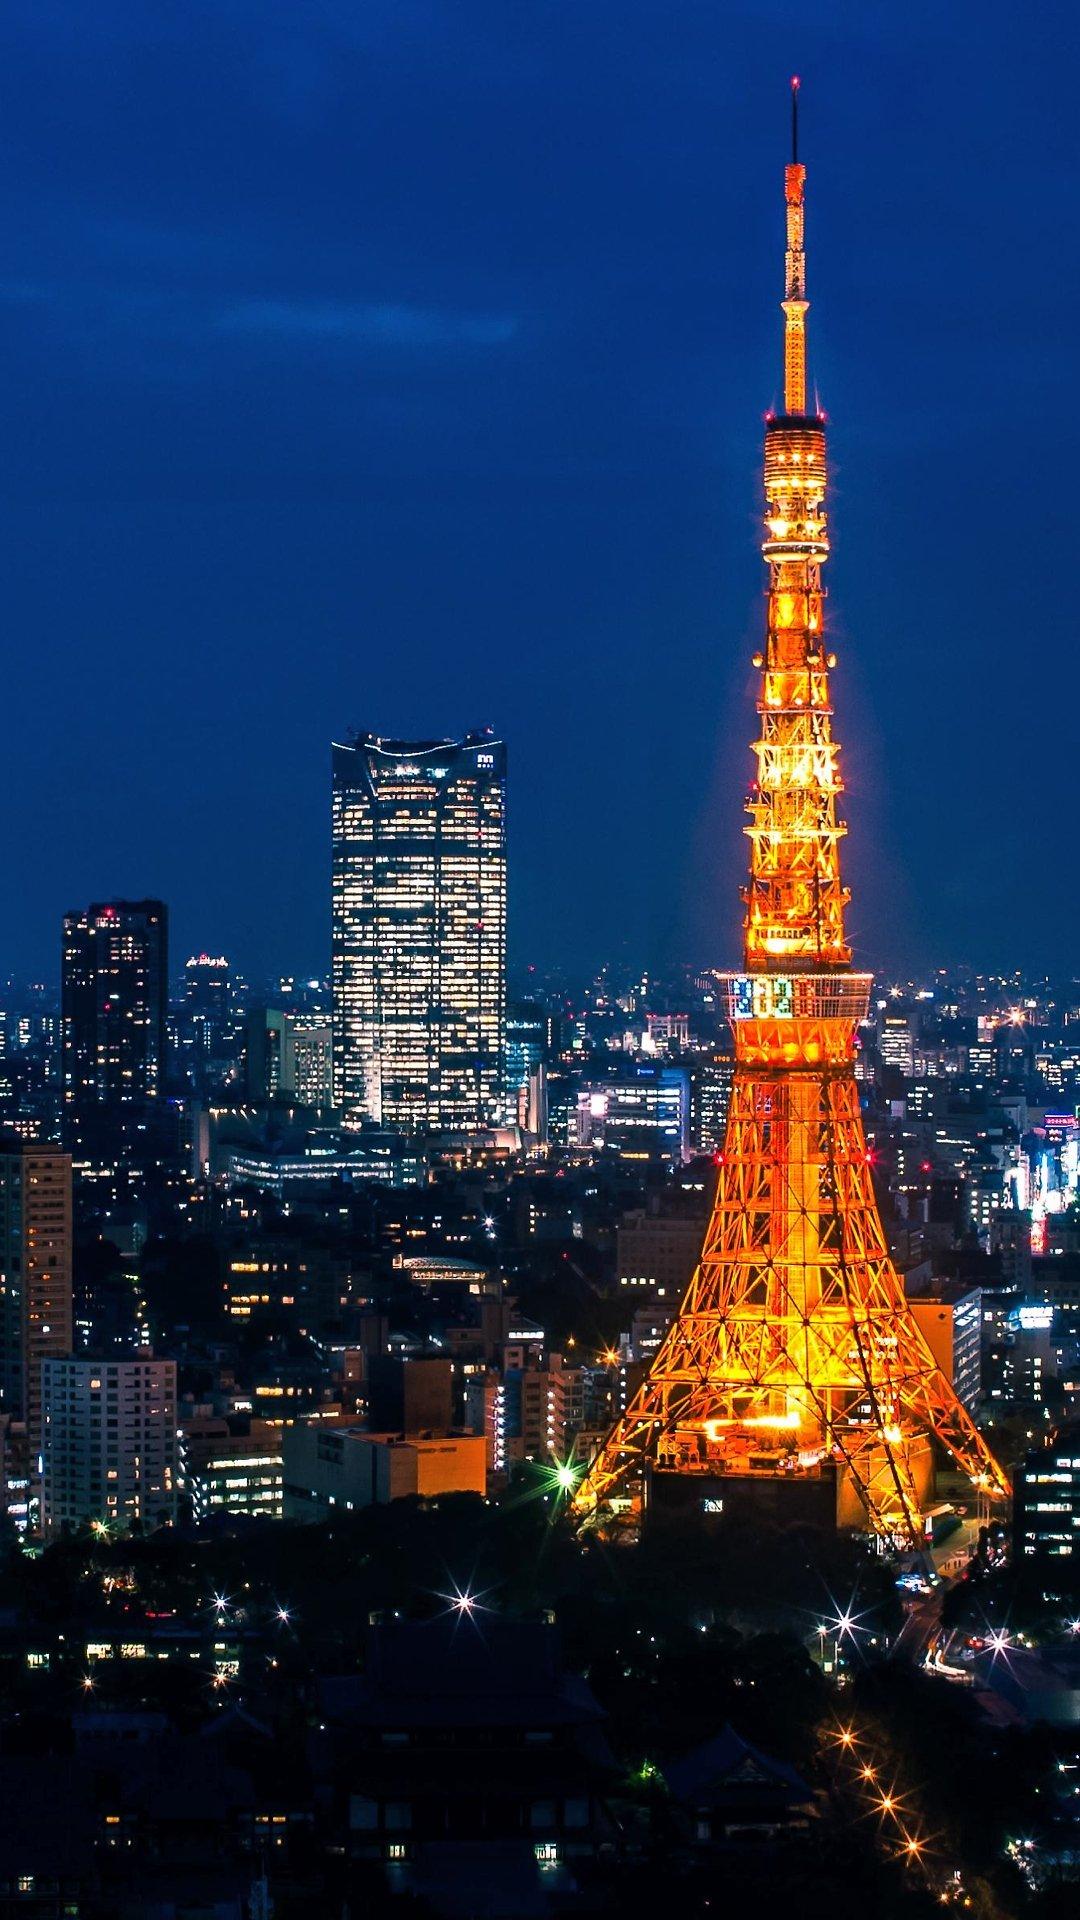 東京タワー 15枚 スマホ壁紙 待受 1920 1080 縦長フルhd Android